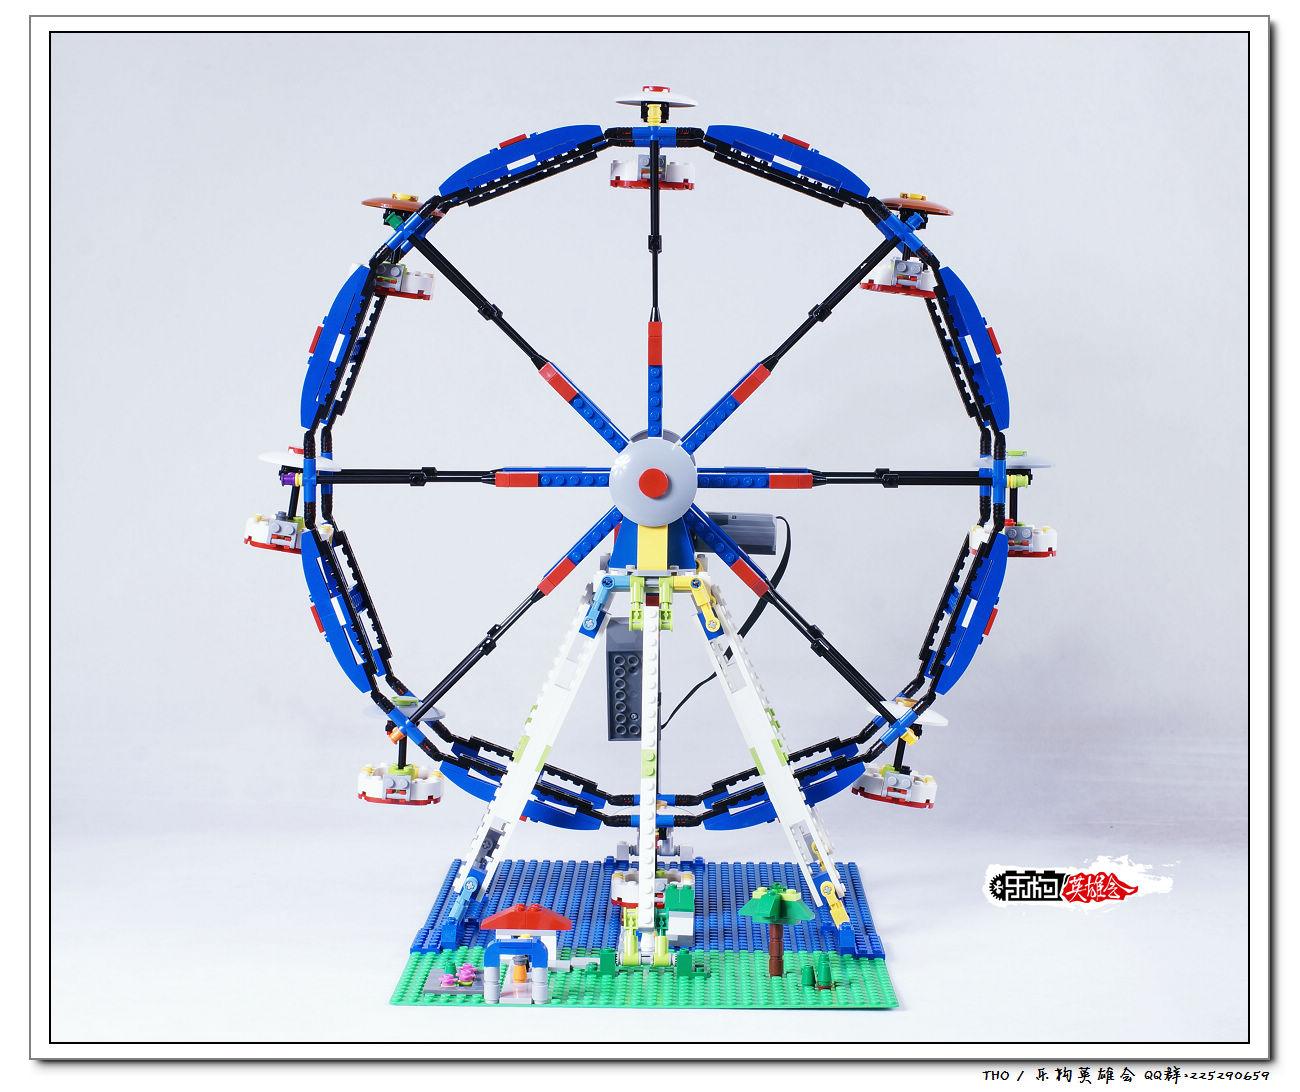 接下来看看这个乐高最大的摩天轮set吧